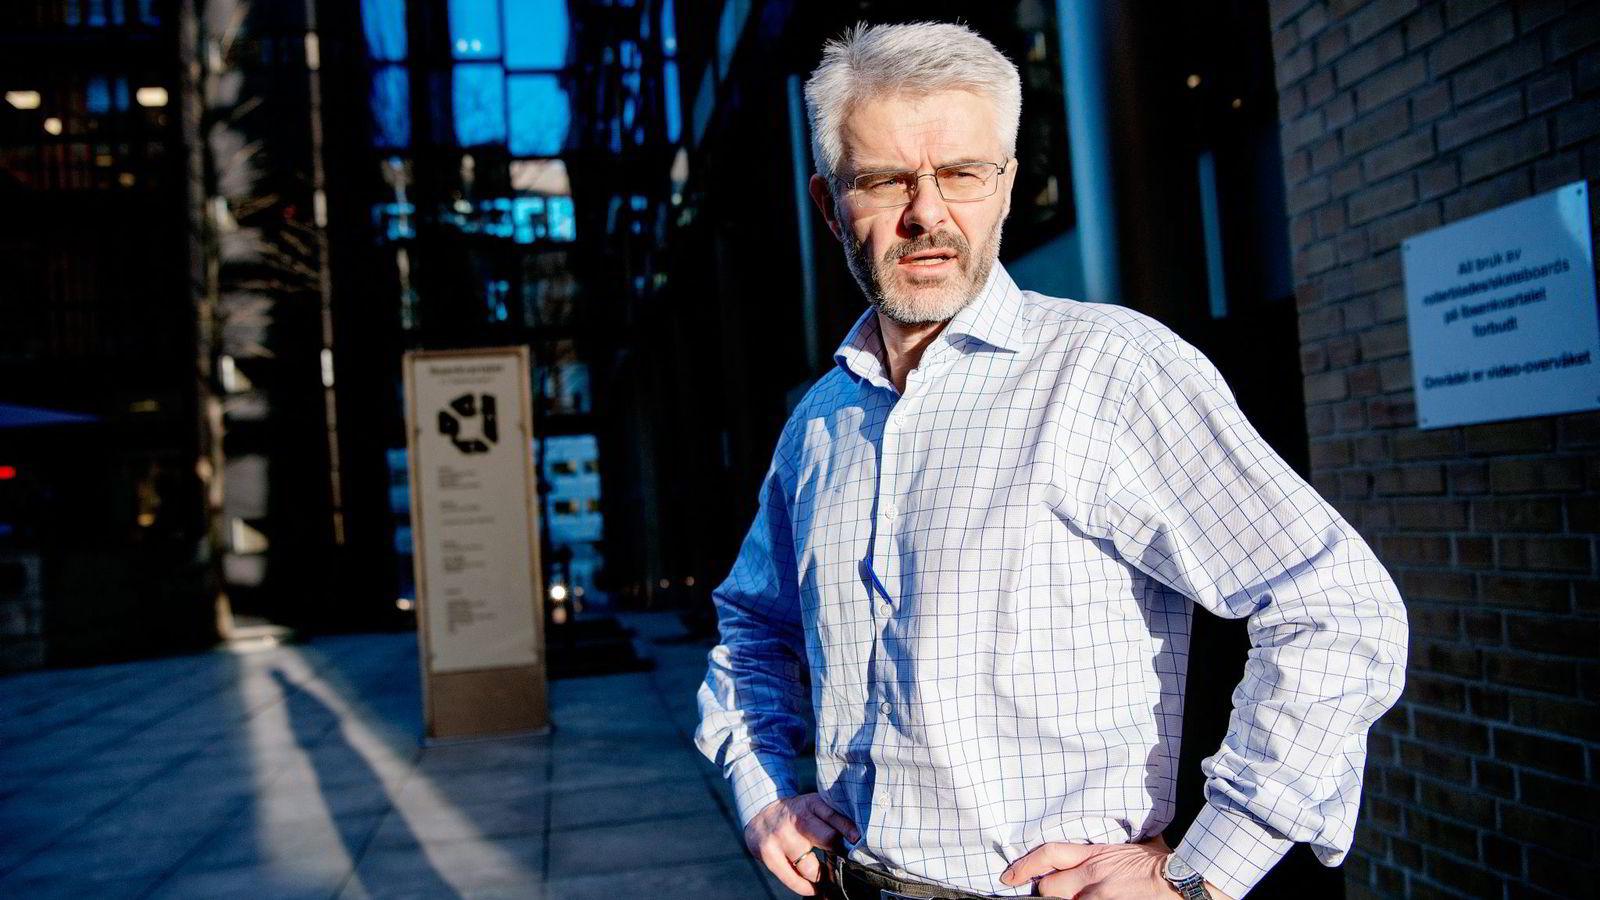 98 anmeldelser er så langt i år lagt i skuffen av Økokrims Trond Eirik Schea. Kanskje burde Transocean-saken vært en av dem, skriver DNs kommentator Bård Bjerkholt.